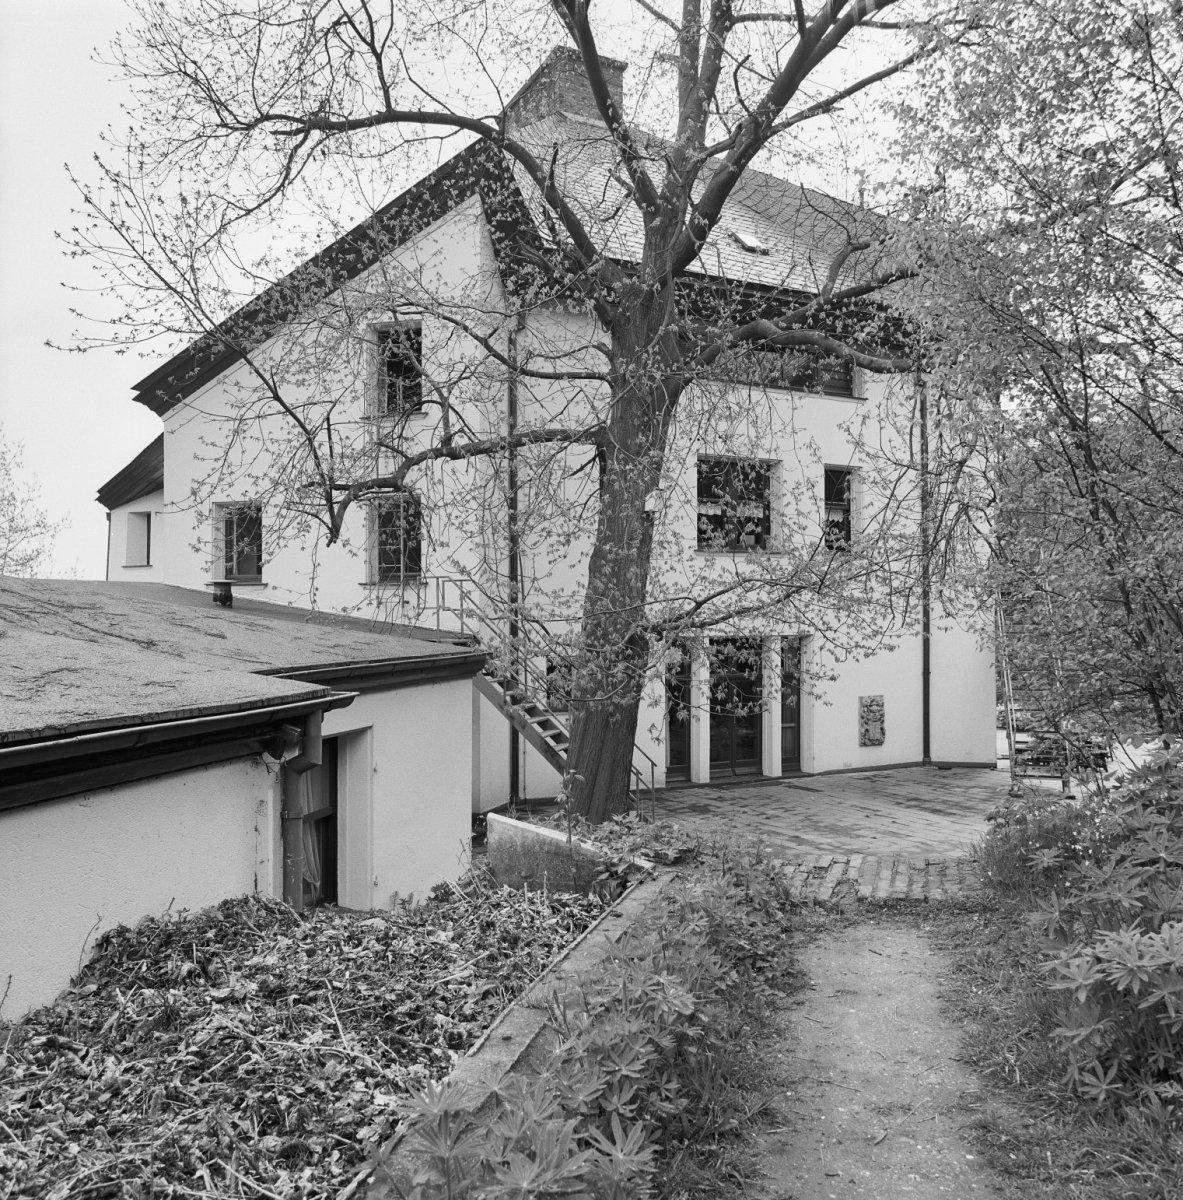 Huis wylerberg in beek monument - Expressionistische architectuur ...